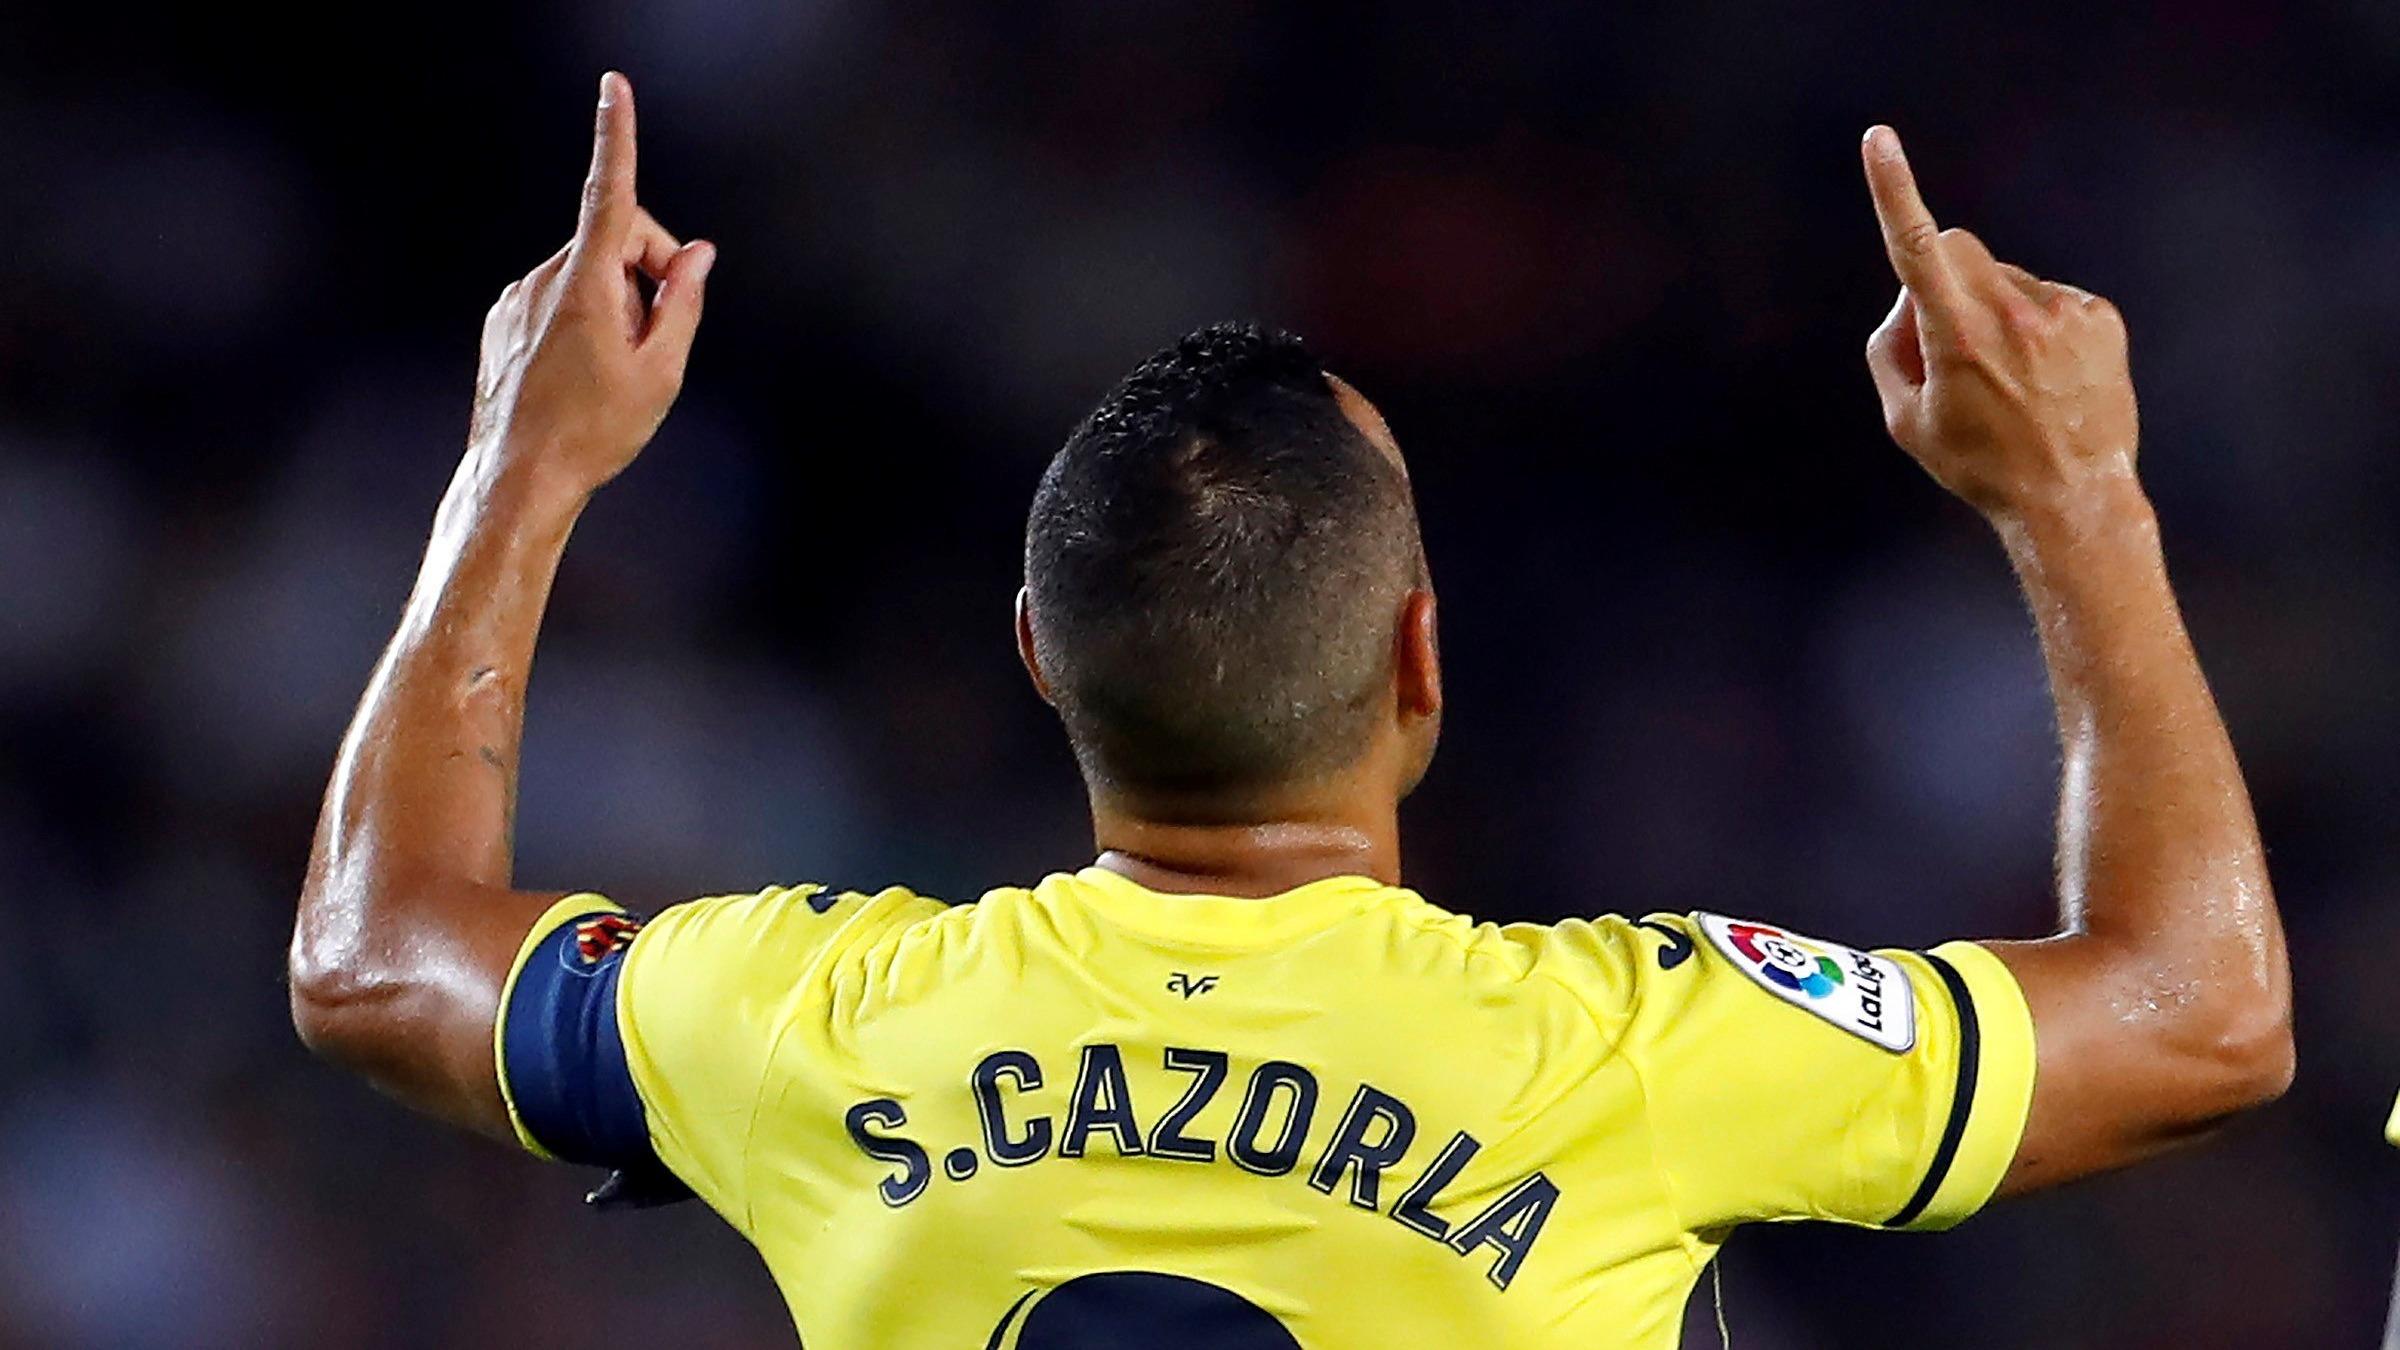 Así fue el golazo de Santi Cazorla.